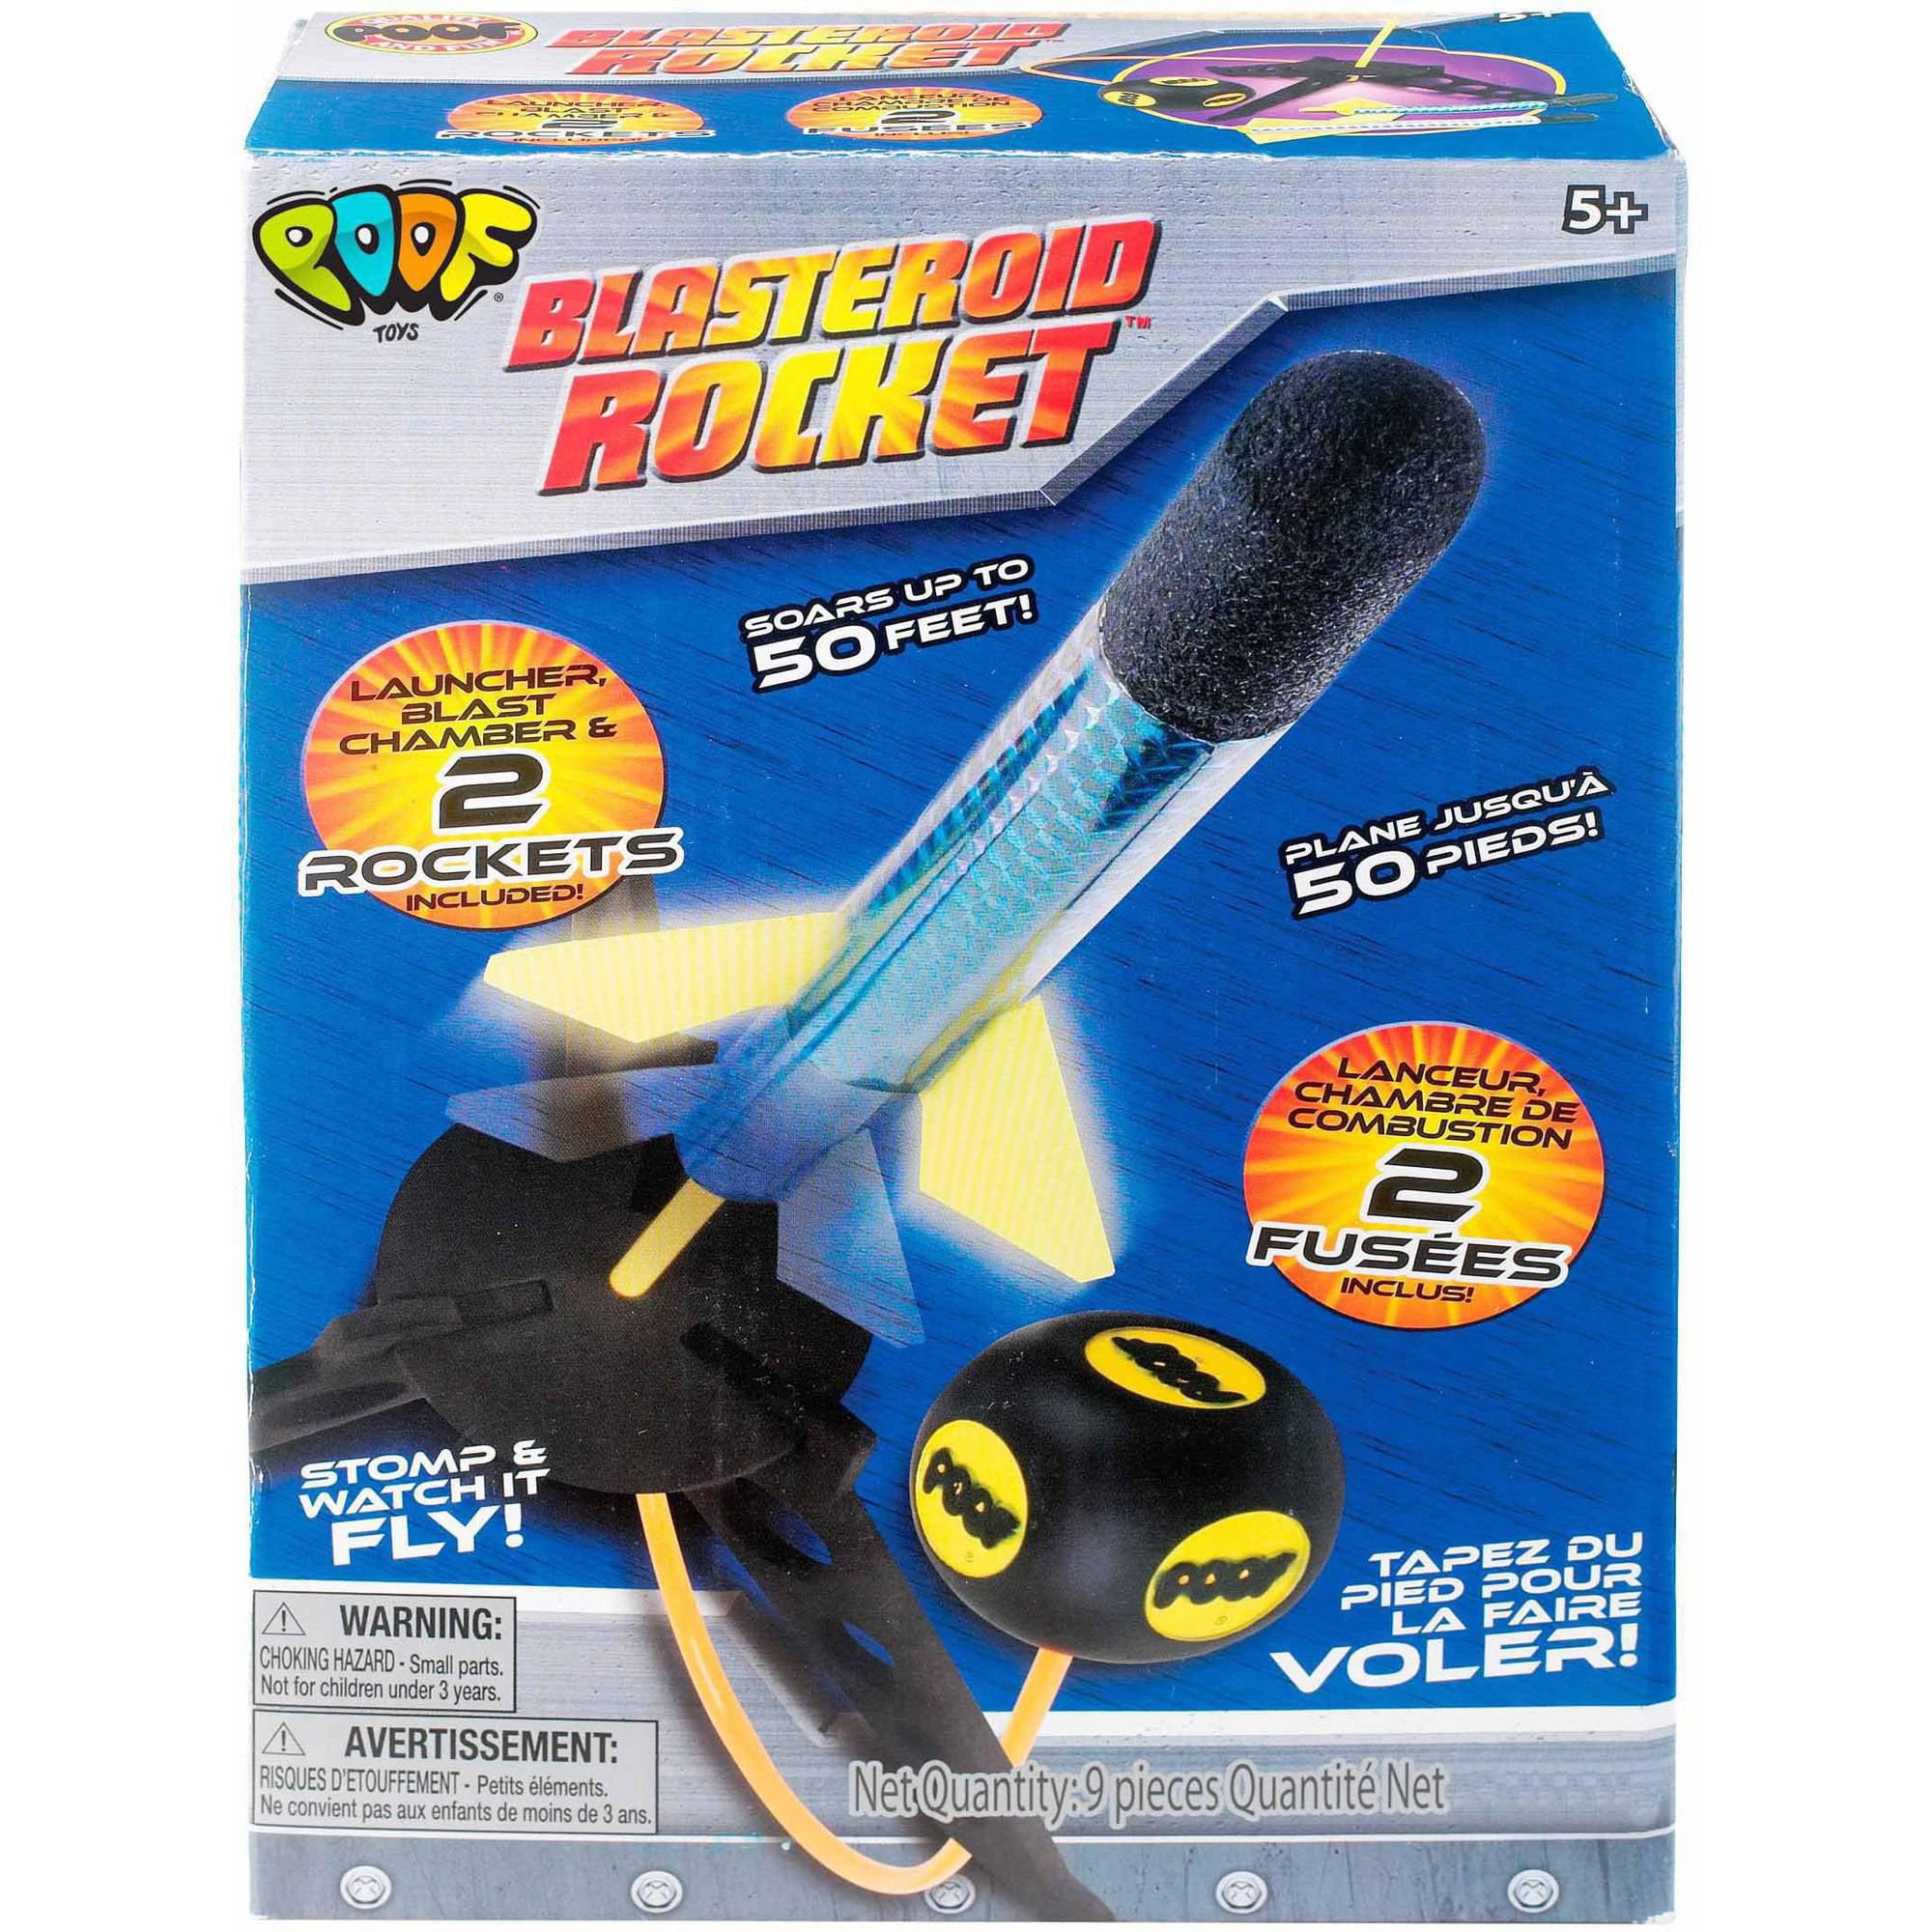 POOF Blasteroid Rocket